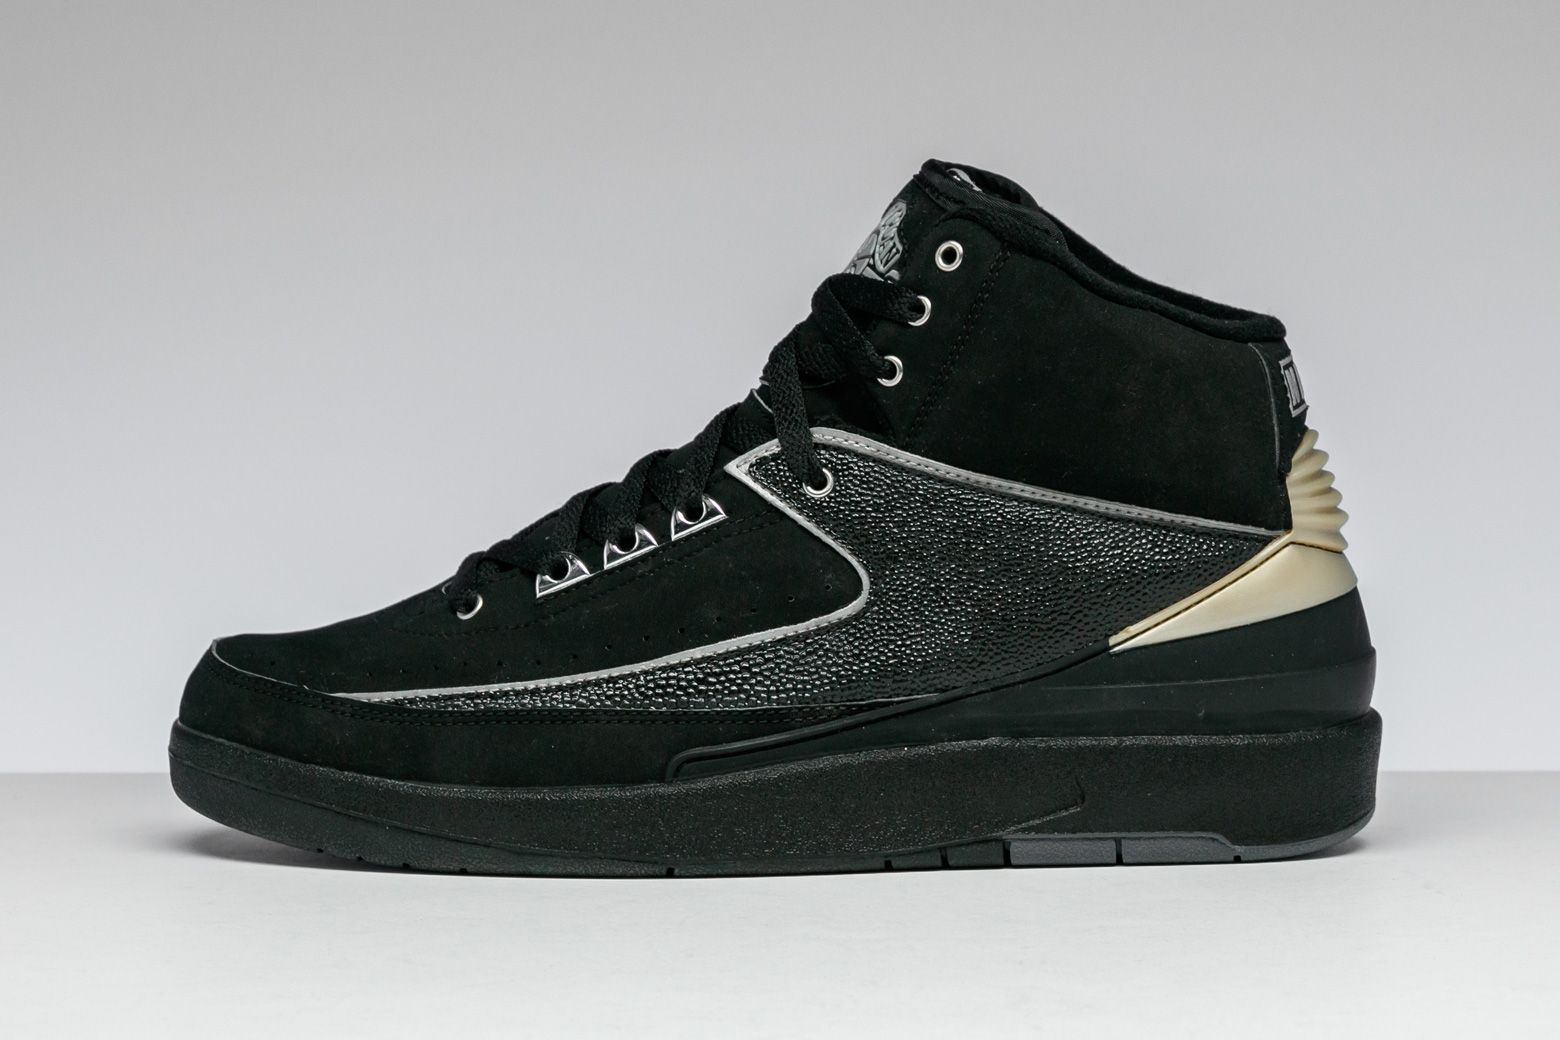 From 2004, the Air Jordan 2 in